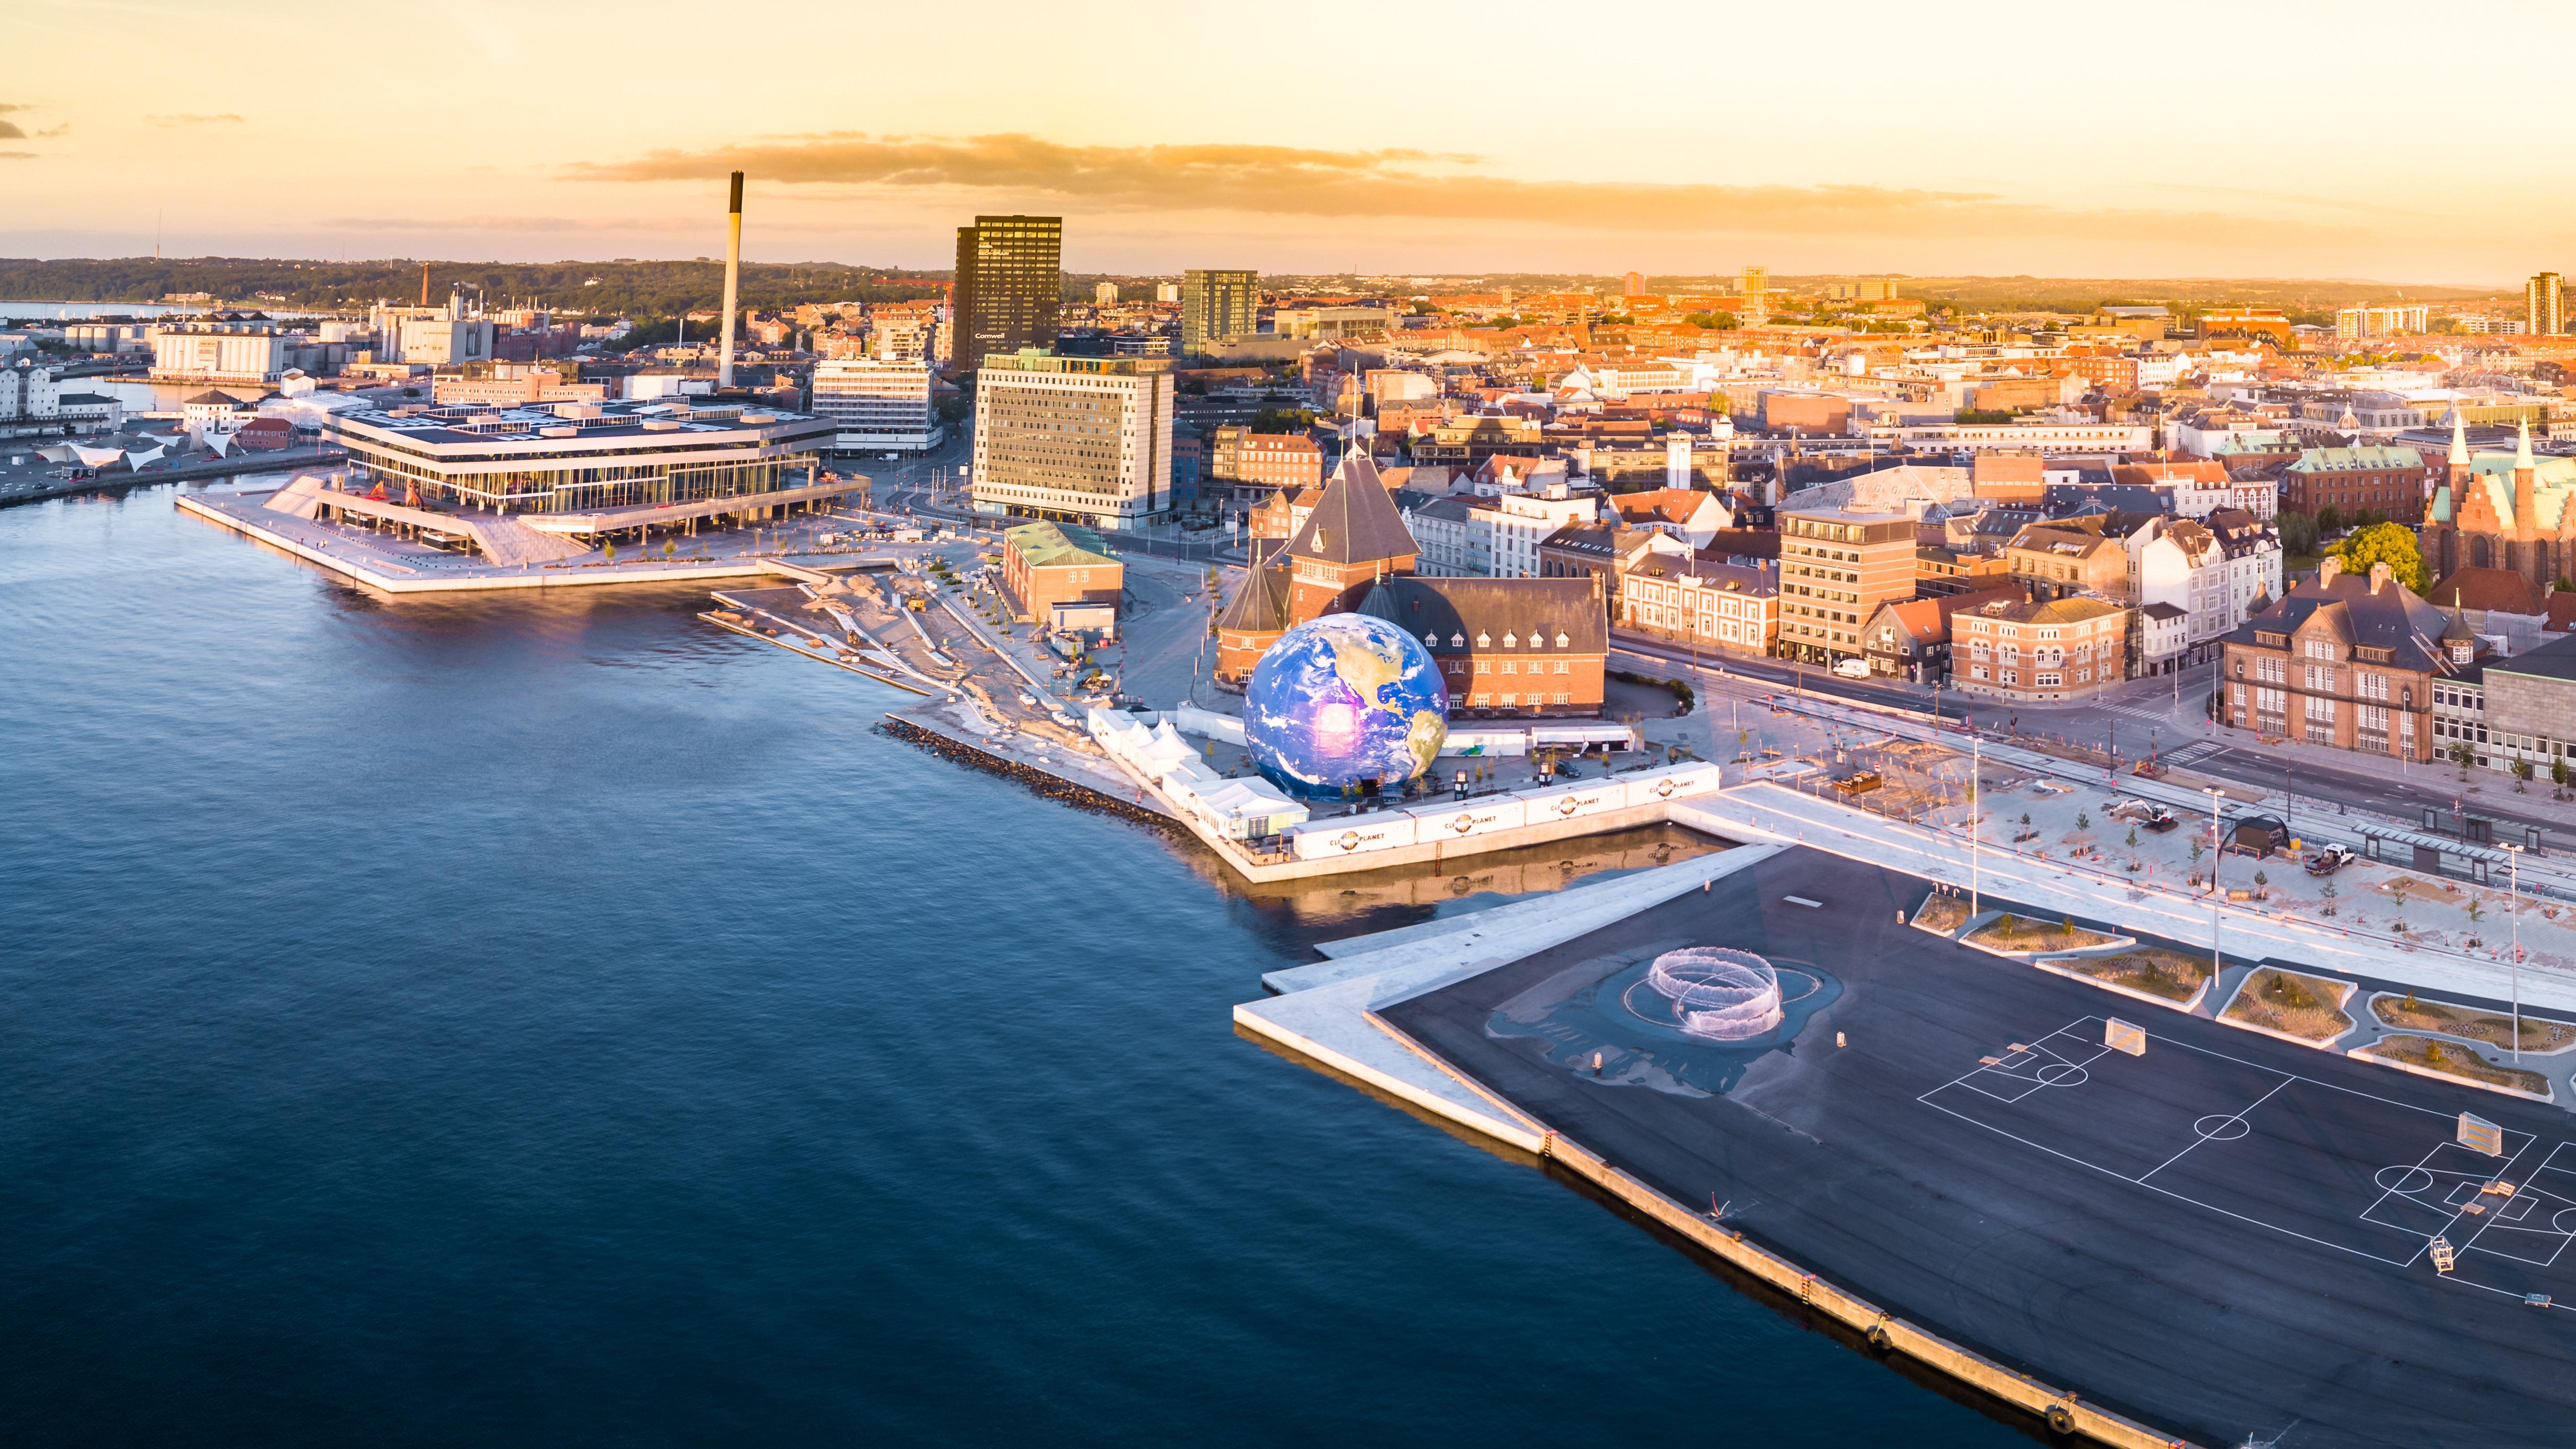 Nu frigives åbne Corona-data fra Aarhus